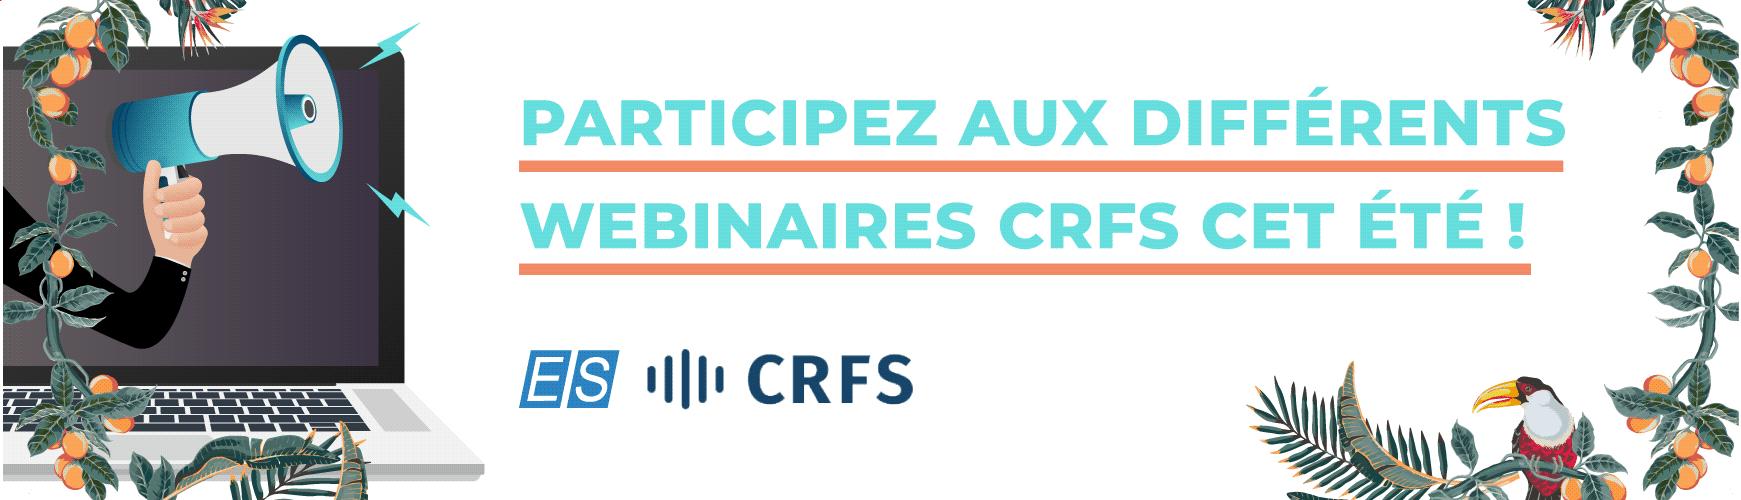 Inscrivez vous aux wébinaires CRFS - CRFS